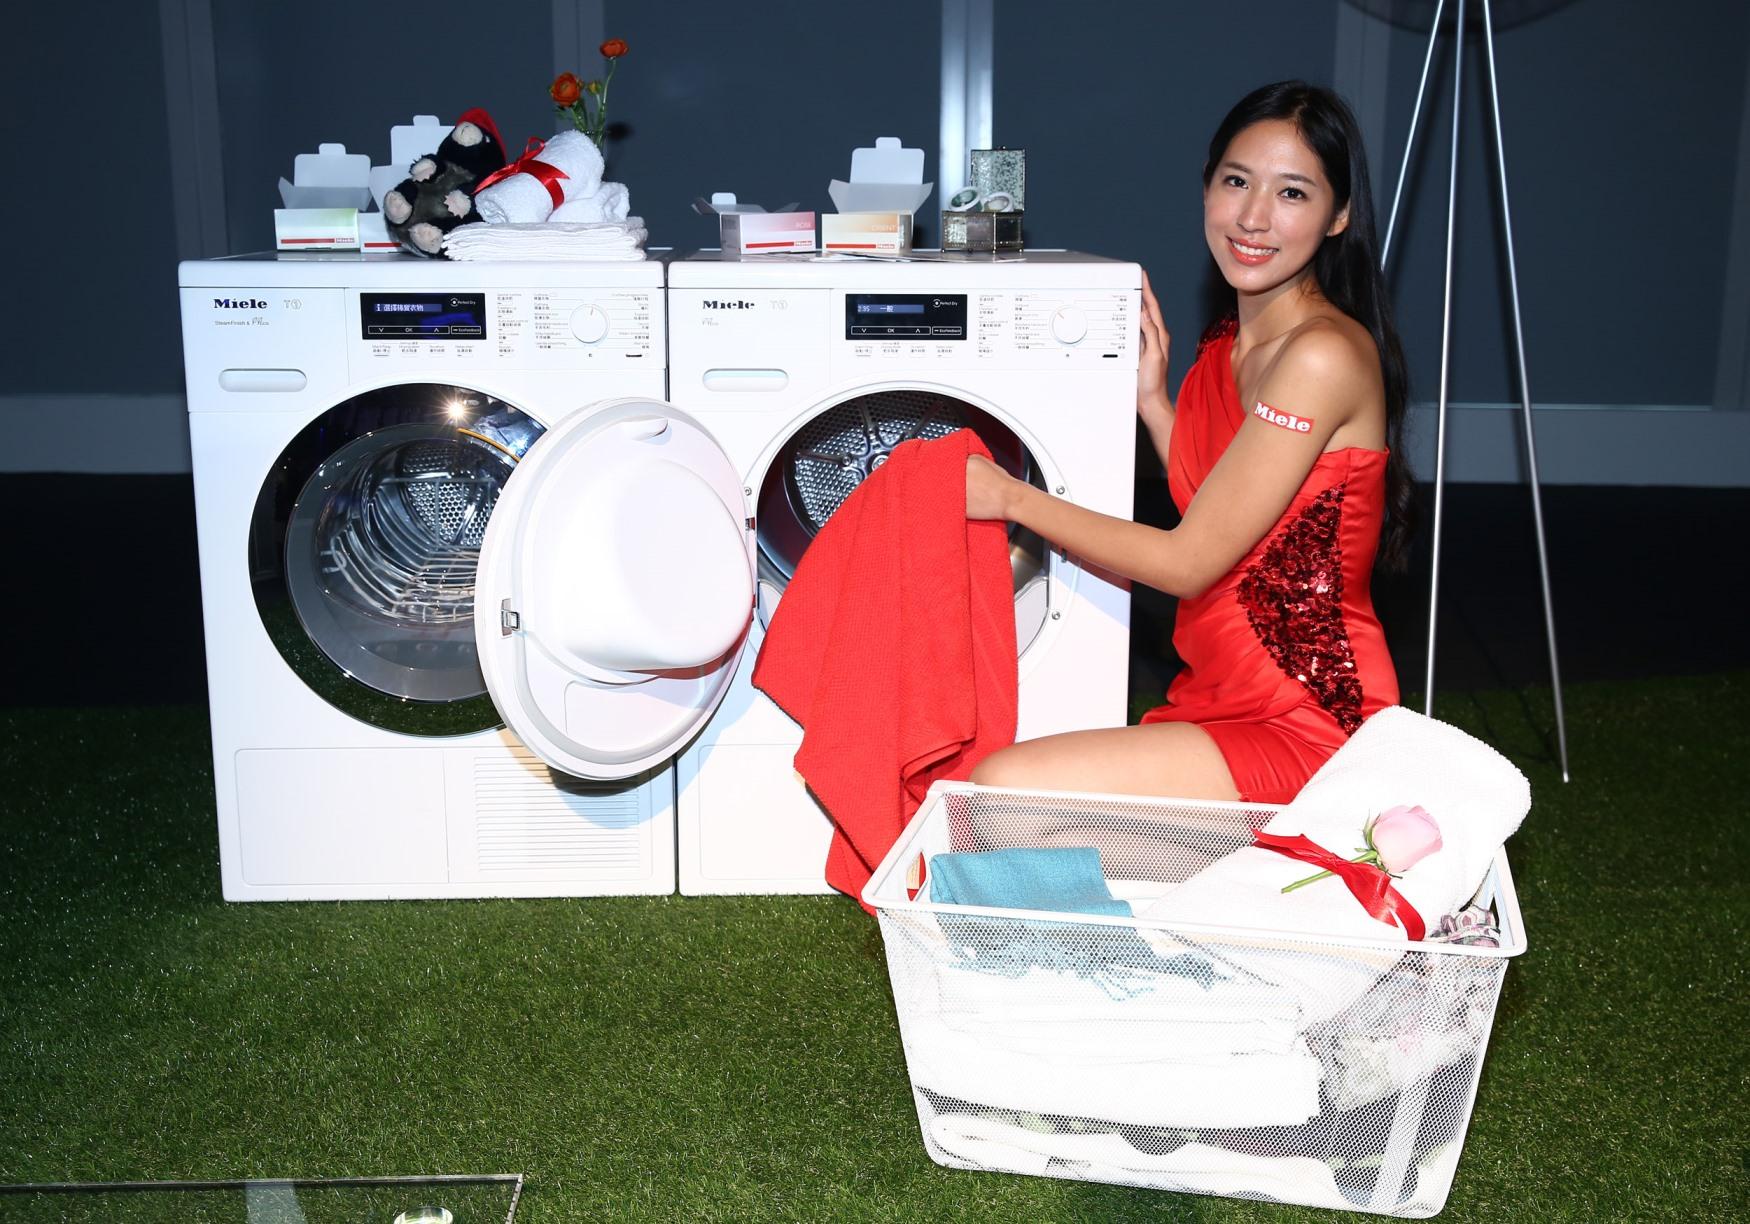 Miele 推 W1 洗衣機、T1 香水烘衣機,售價 78,000 元起